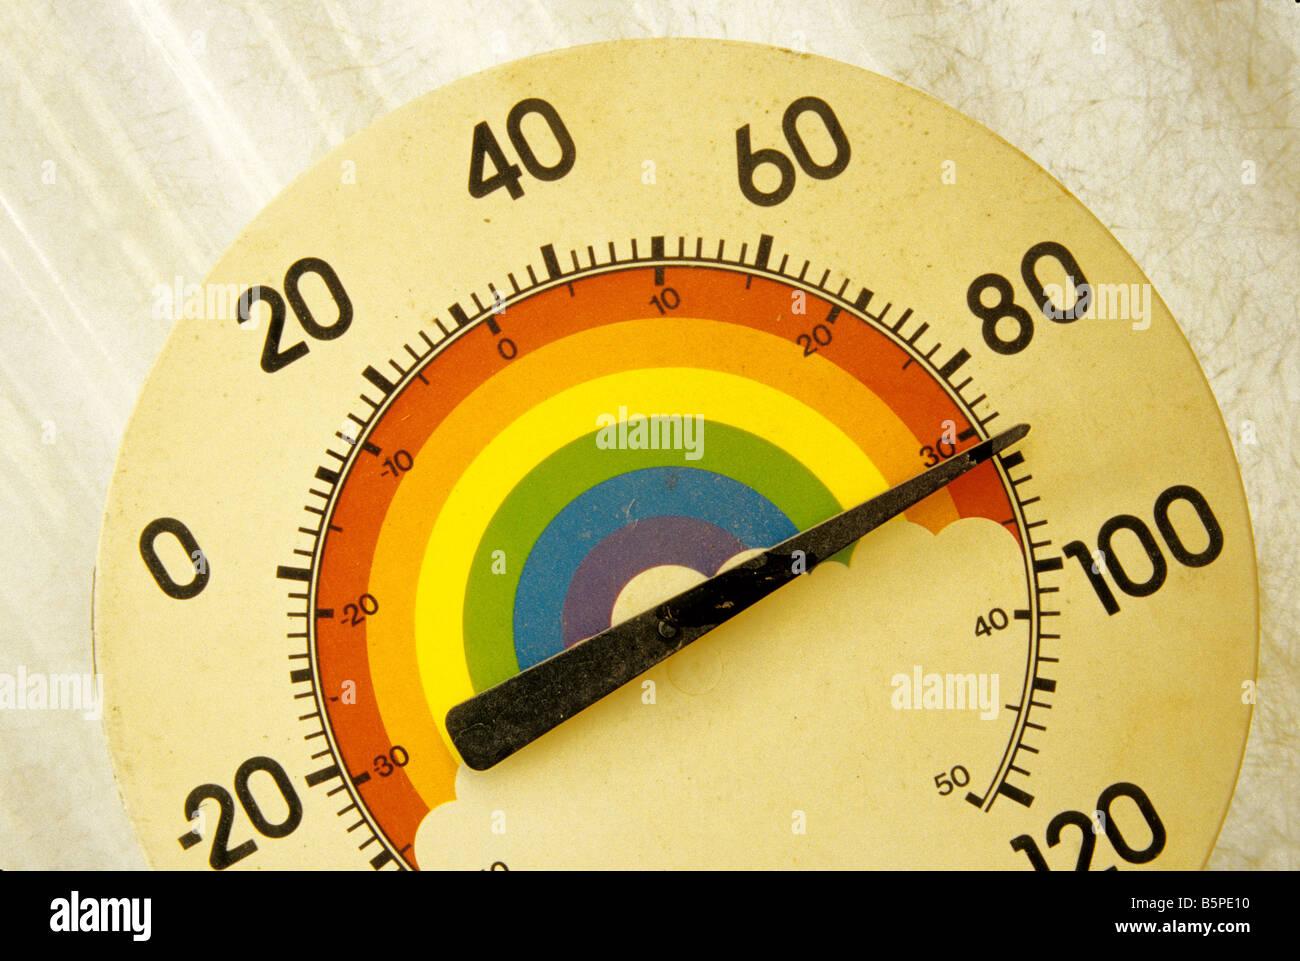 Bunte Temperatur Gage, Fahrenheit & Celsius. Stockbild